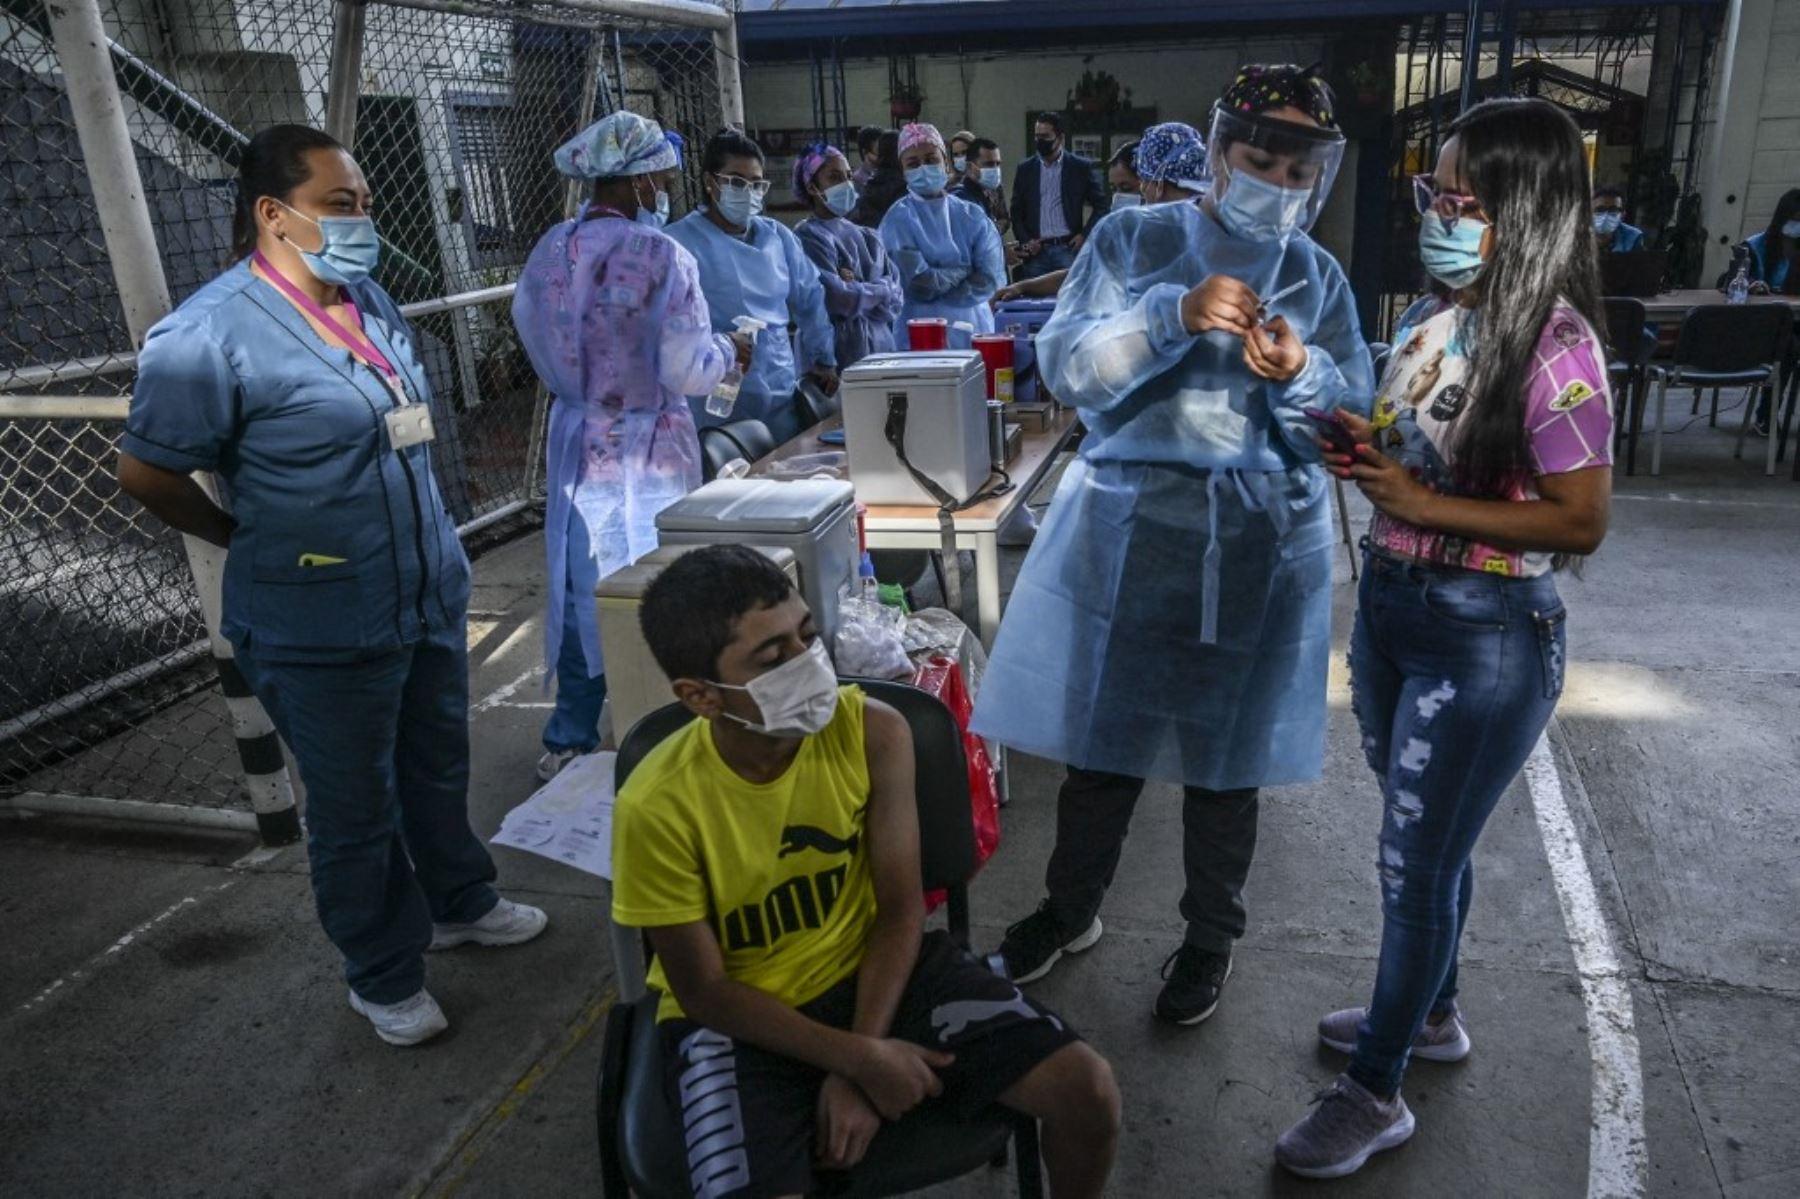 Una enfermera muestra una dosis de la vacuna Pfizer-BioNtech covid-19 a una madre antes de vacunar a un niño en una escuela en Medellín, Colombia. Foto: AFP